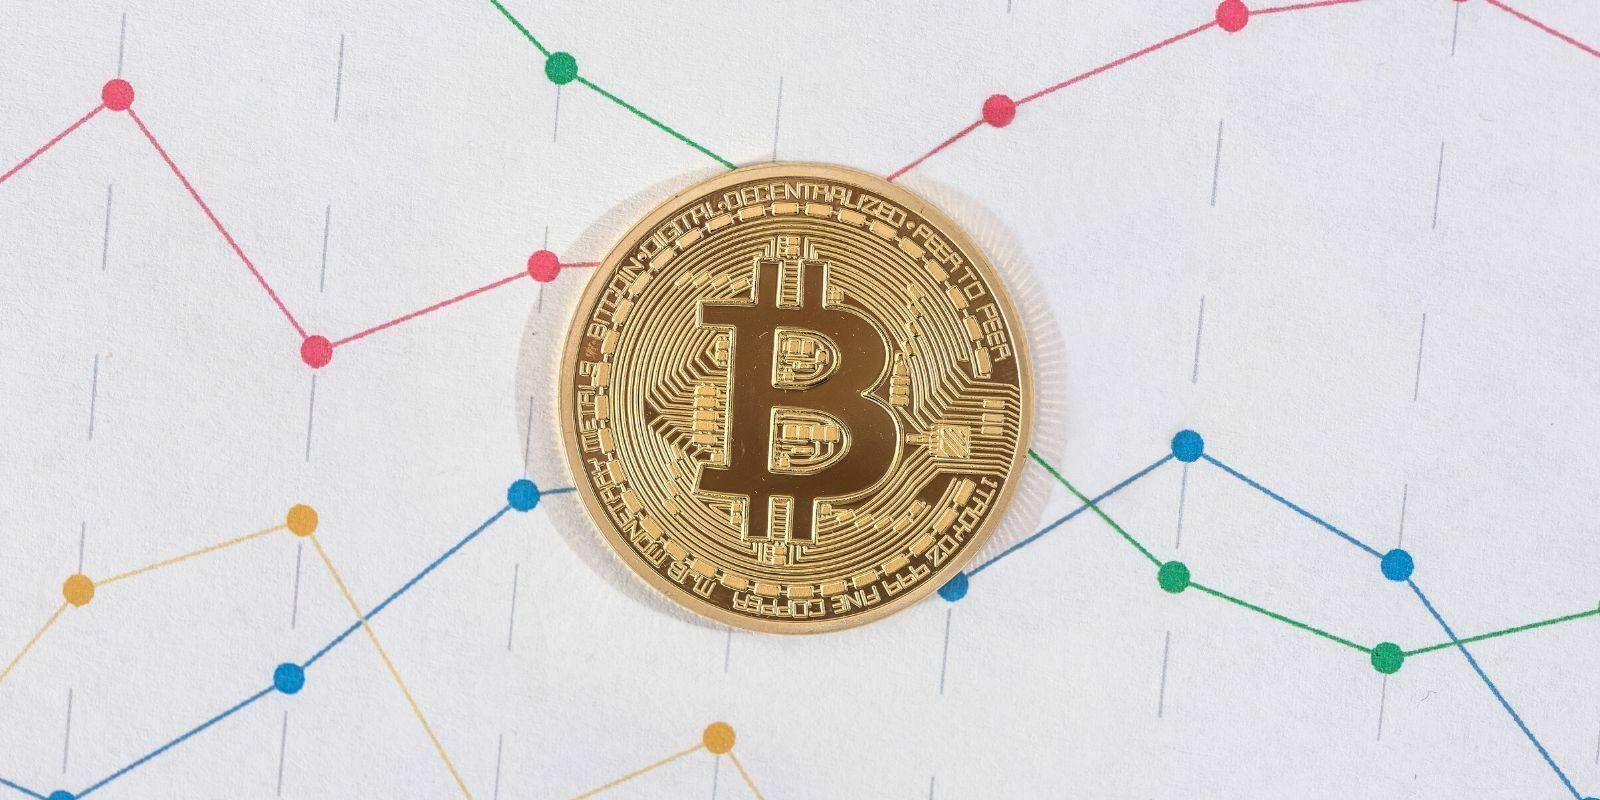 Le Bitcoin prêt à chuter fortement dans les prochains jours ?